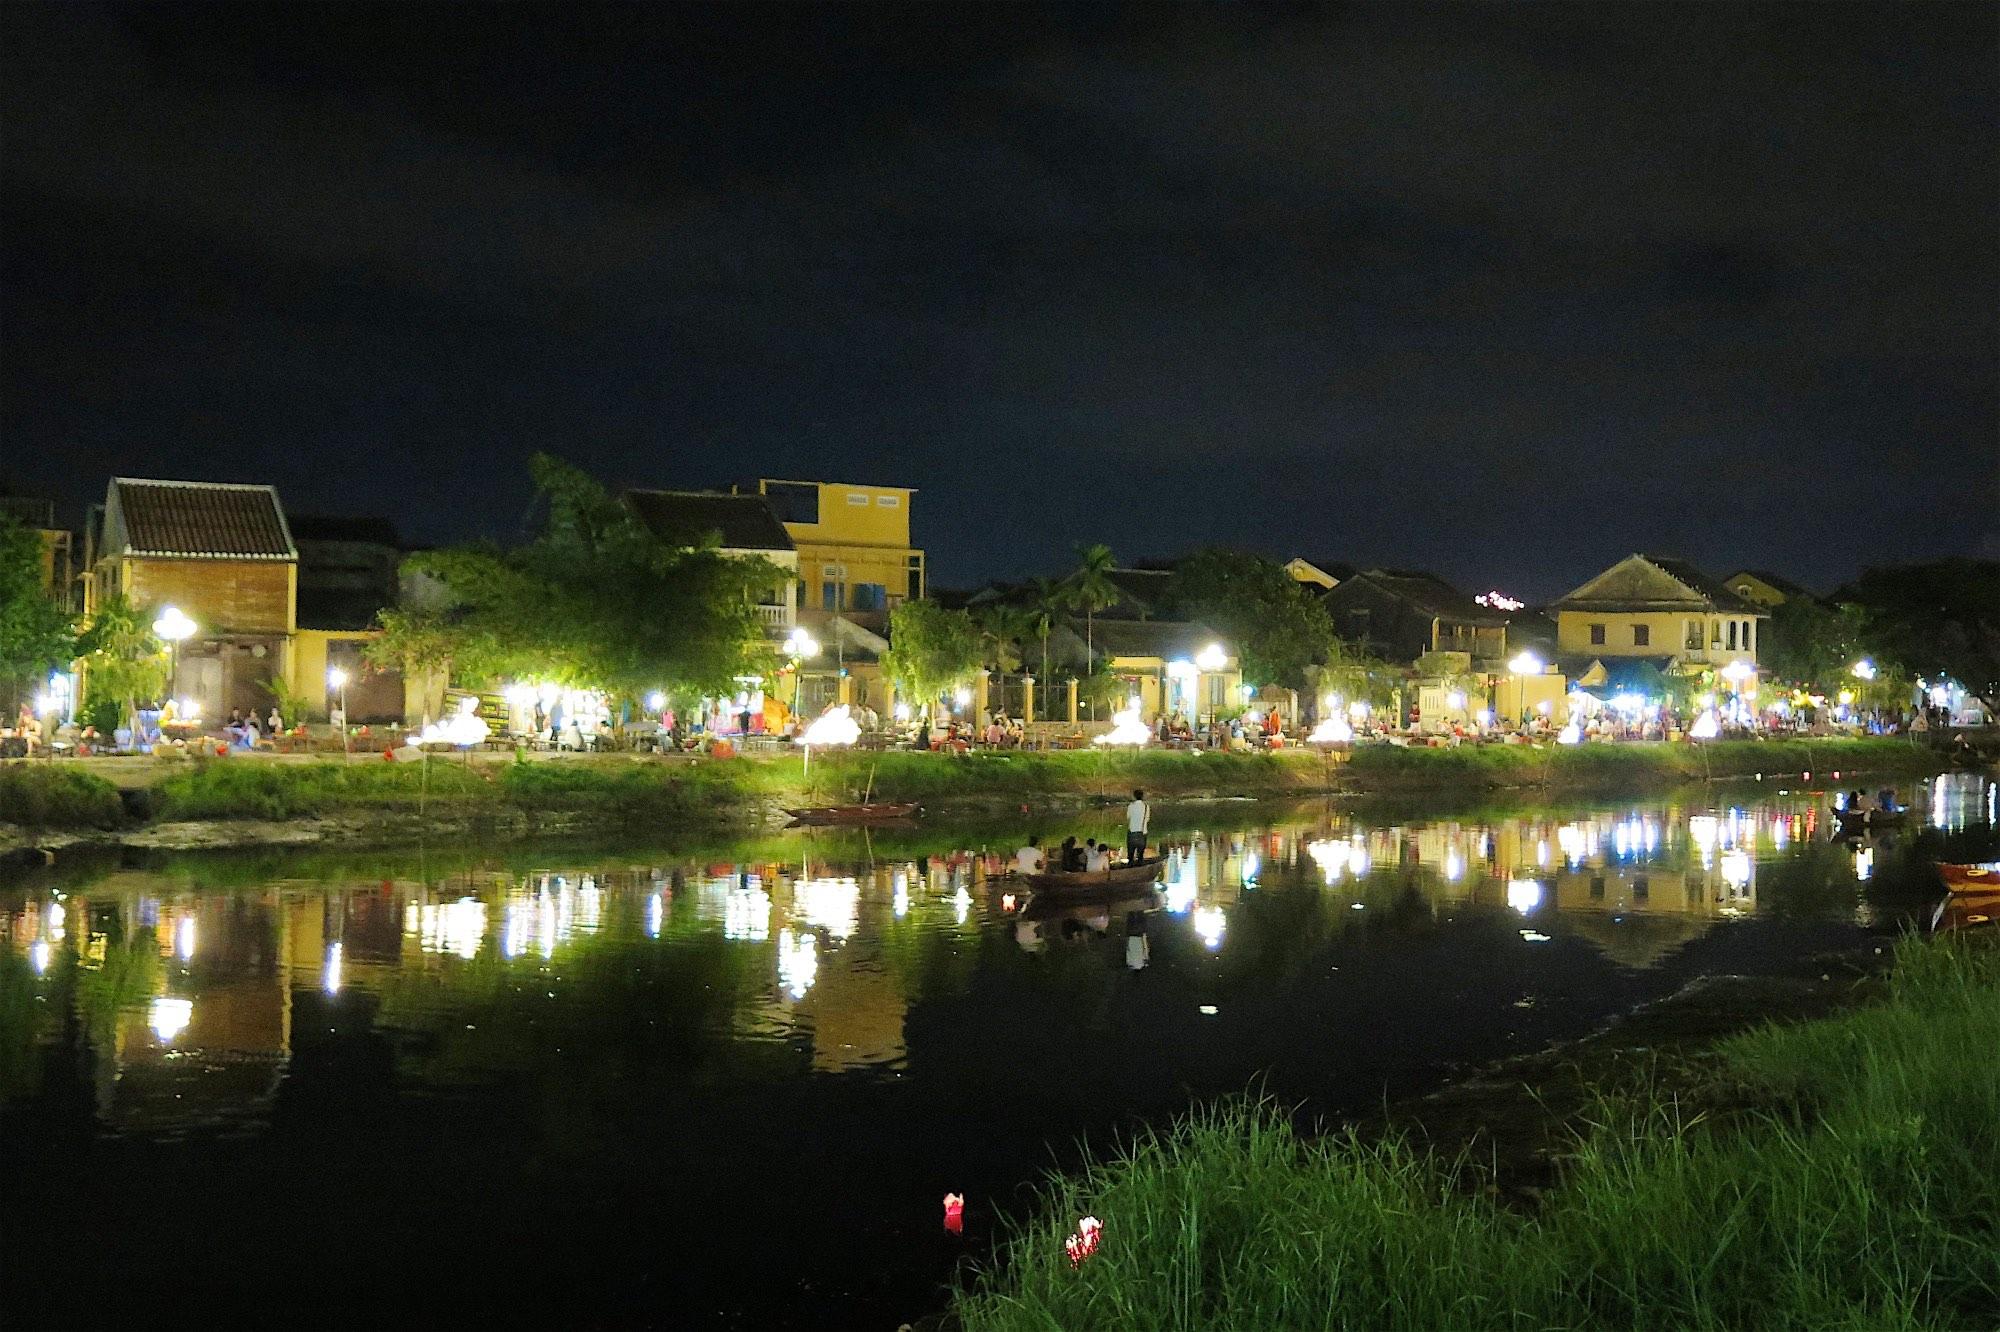 Hoi an une histoire de lampions et de vieilles pierres for Acheter une maison au vietnam